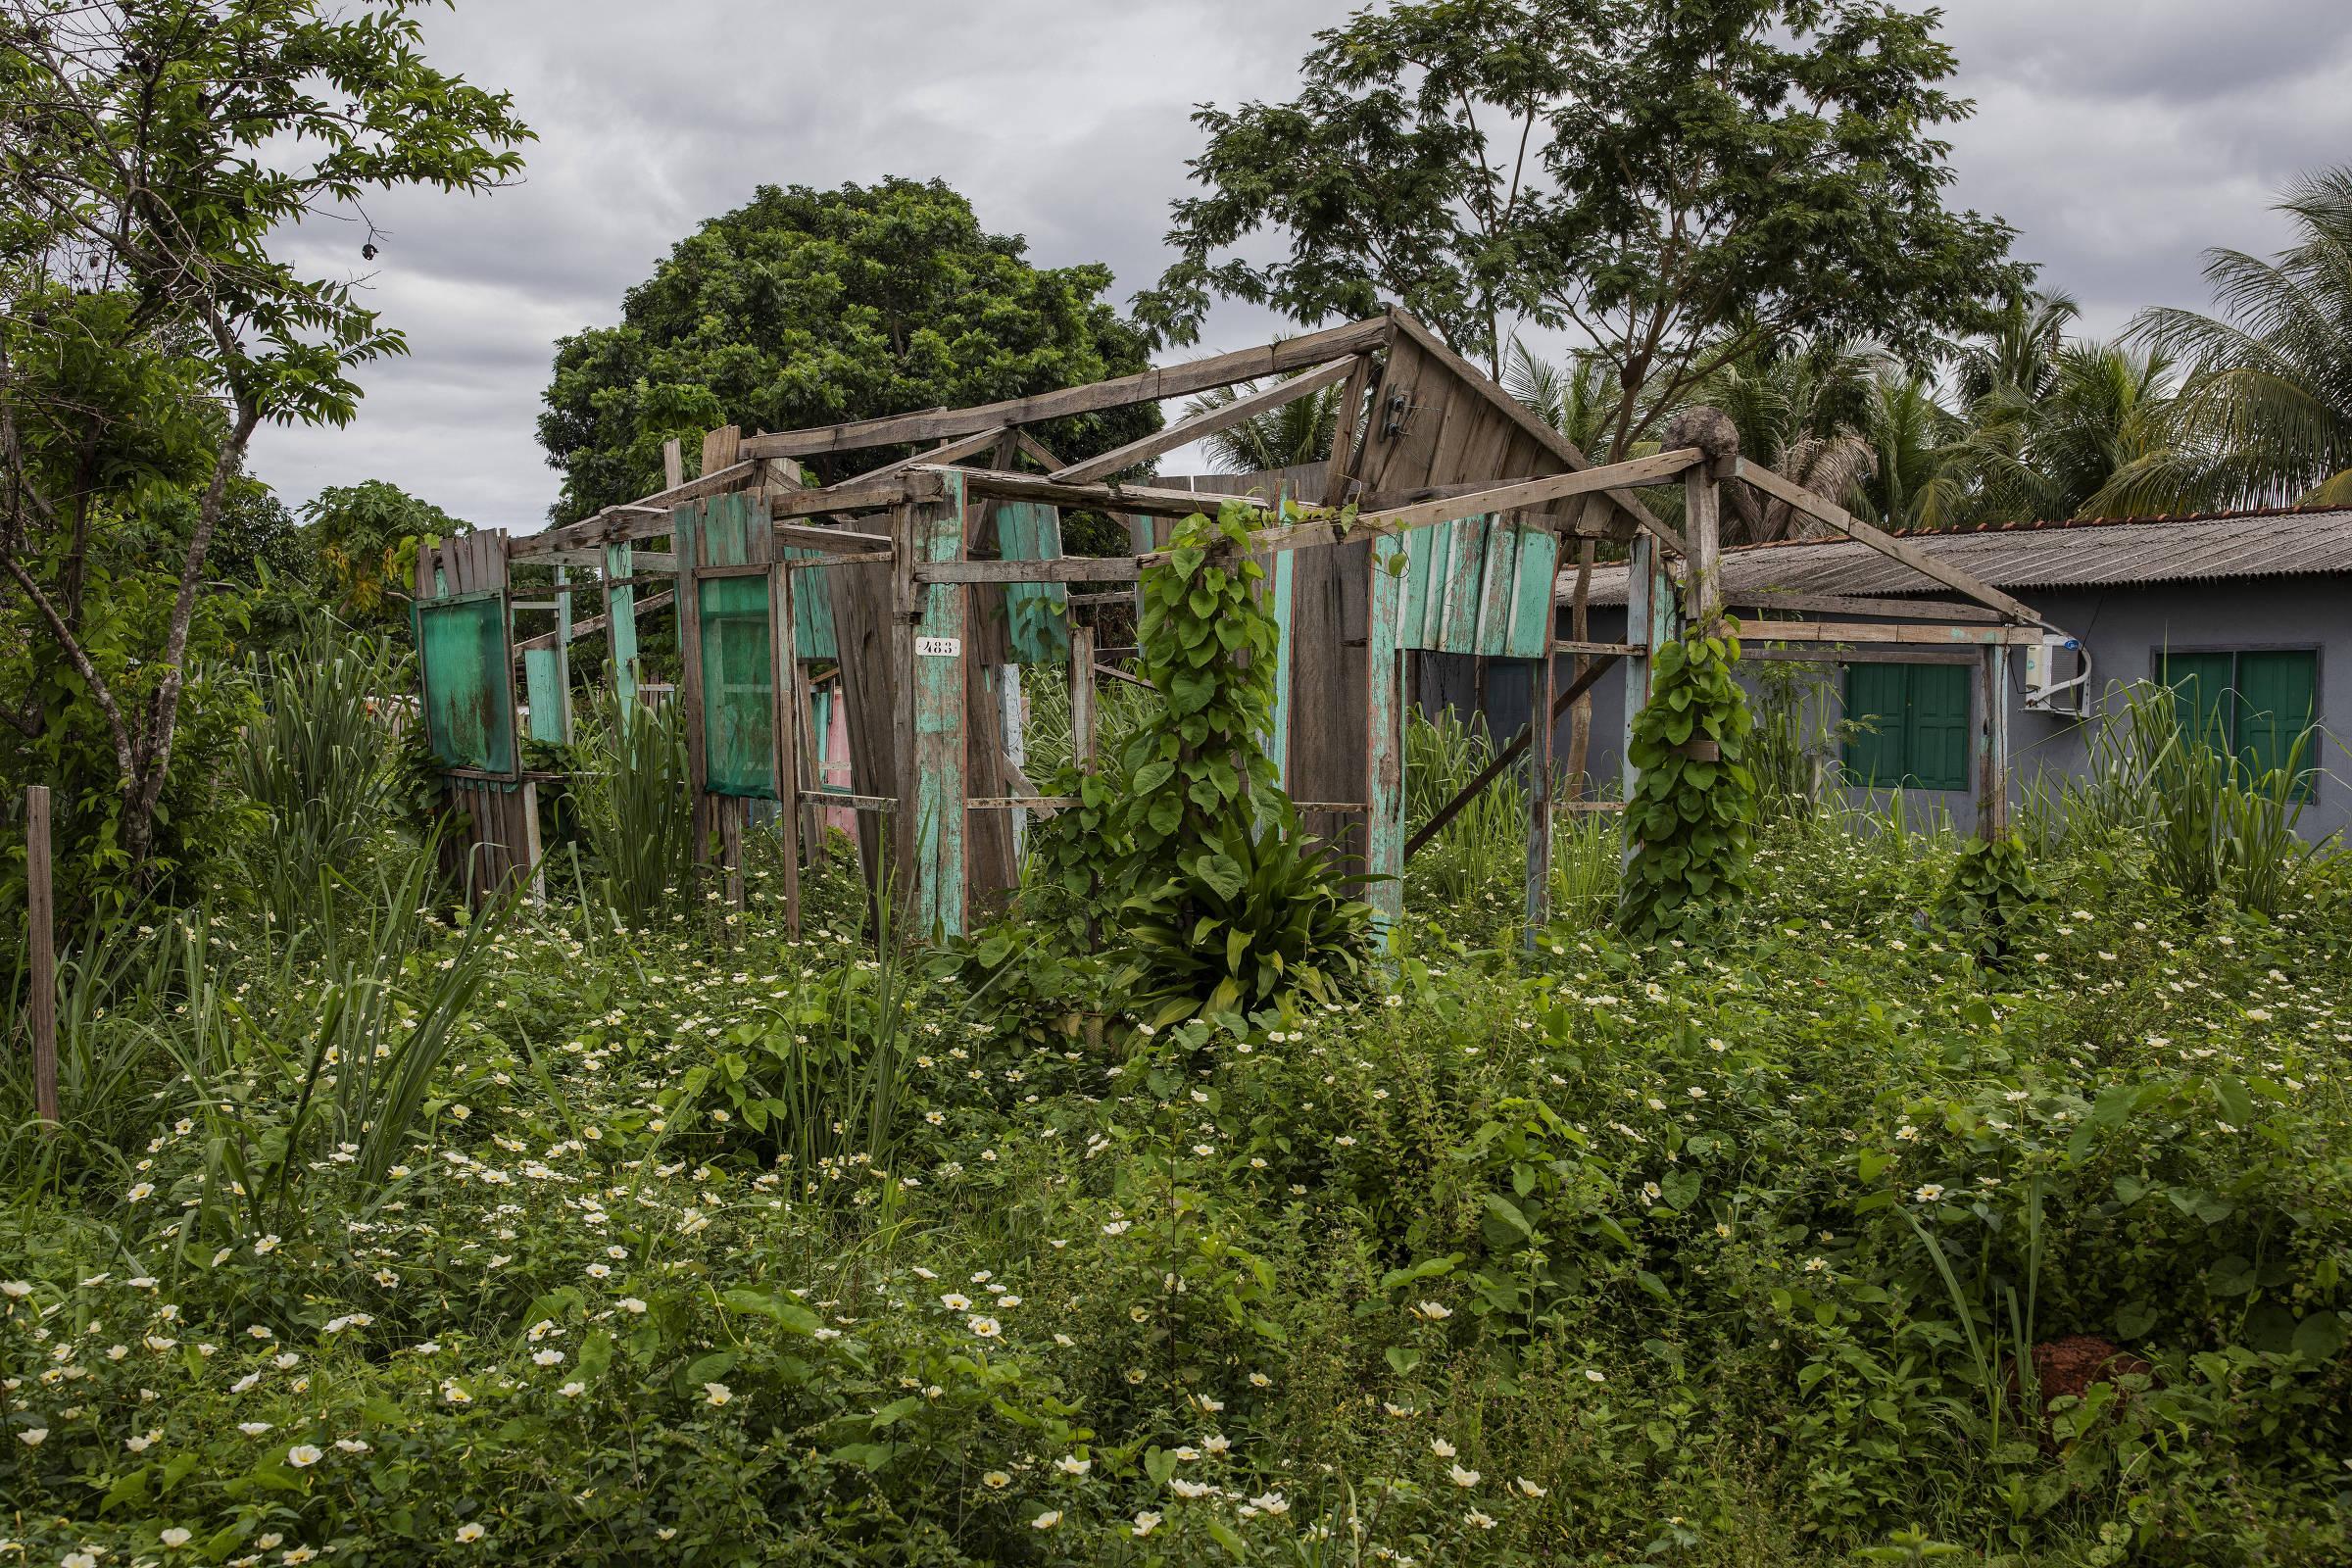 Casa abandonada na comunidade quilombola do Forte Príncipe da Beira